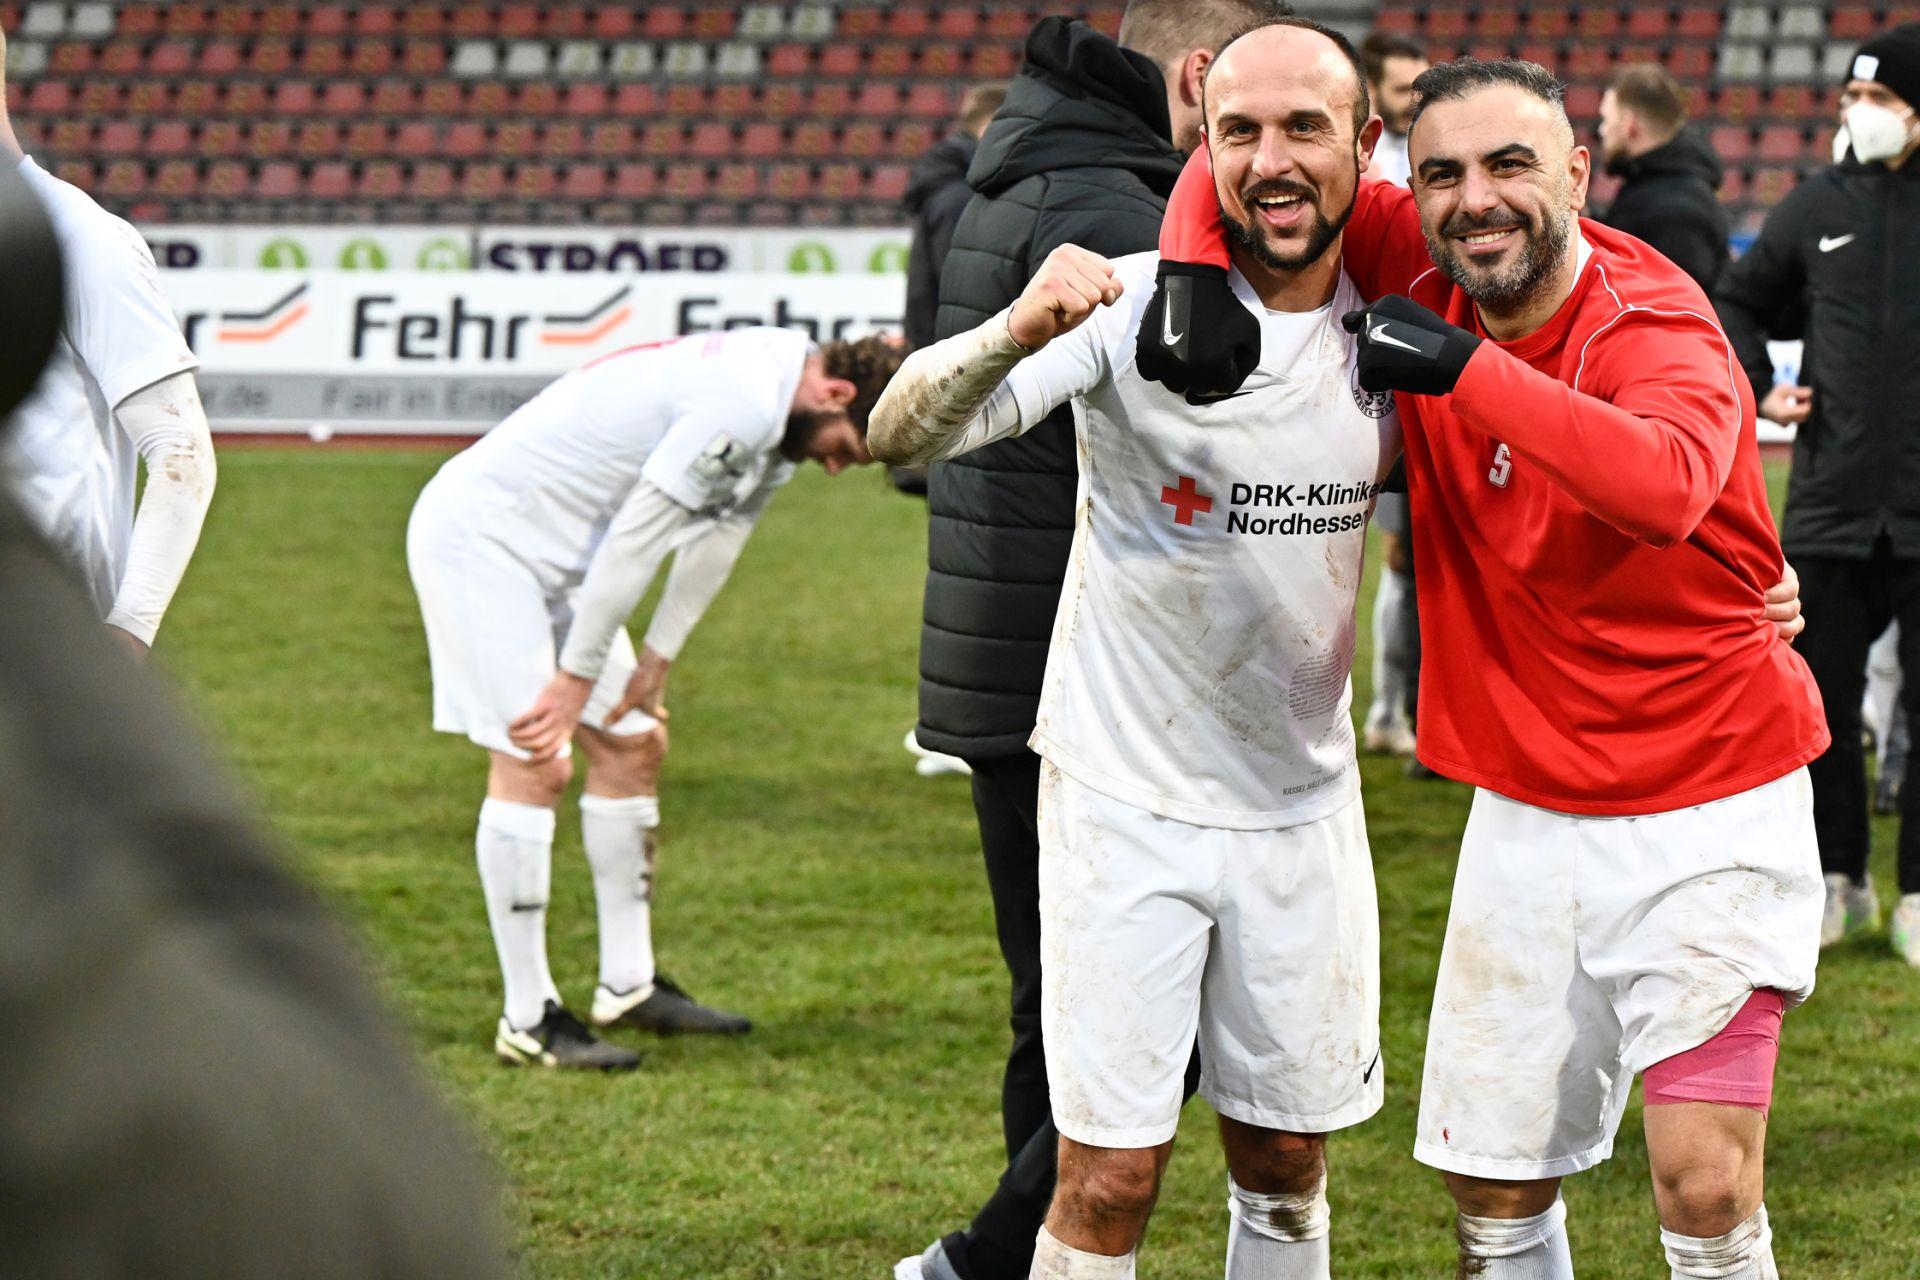 Regionalliga S�dwest 2020/21, KSVHessen Kassel, TSV Steinbach Haiger, Endstand 2:1